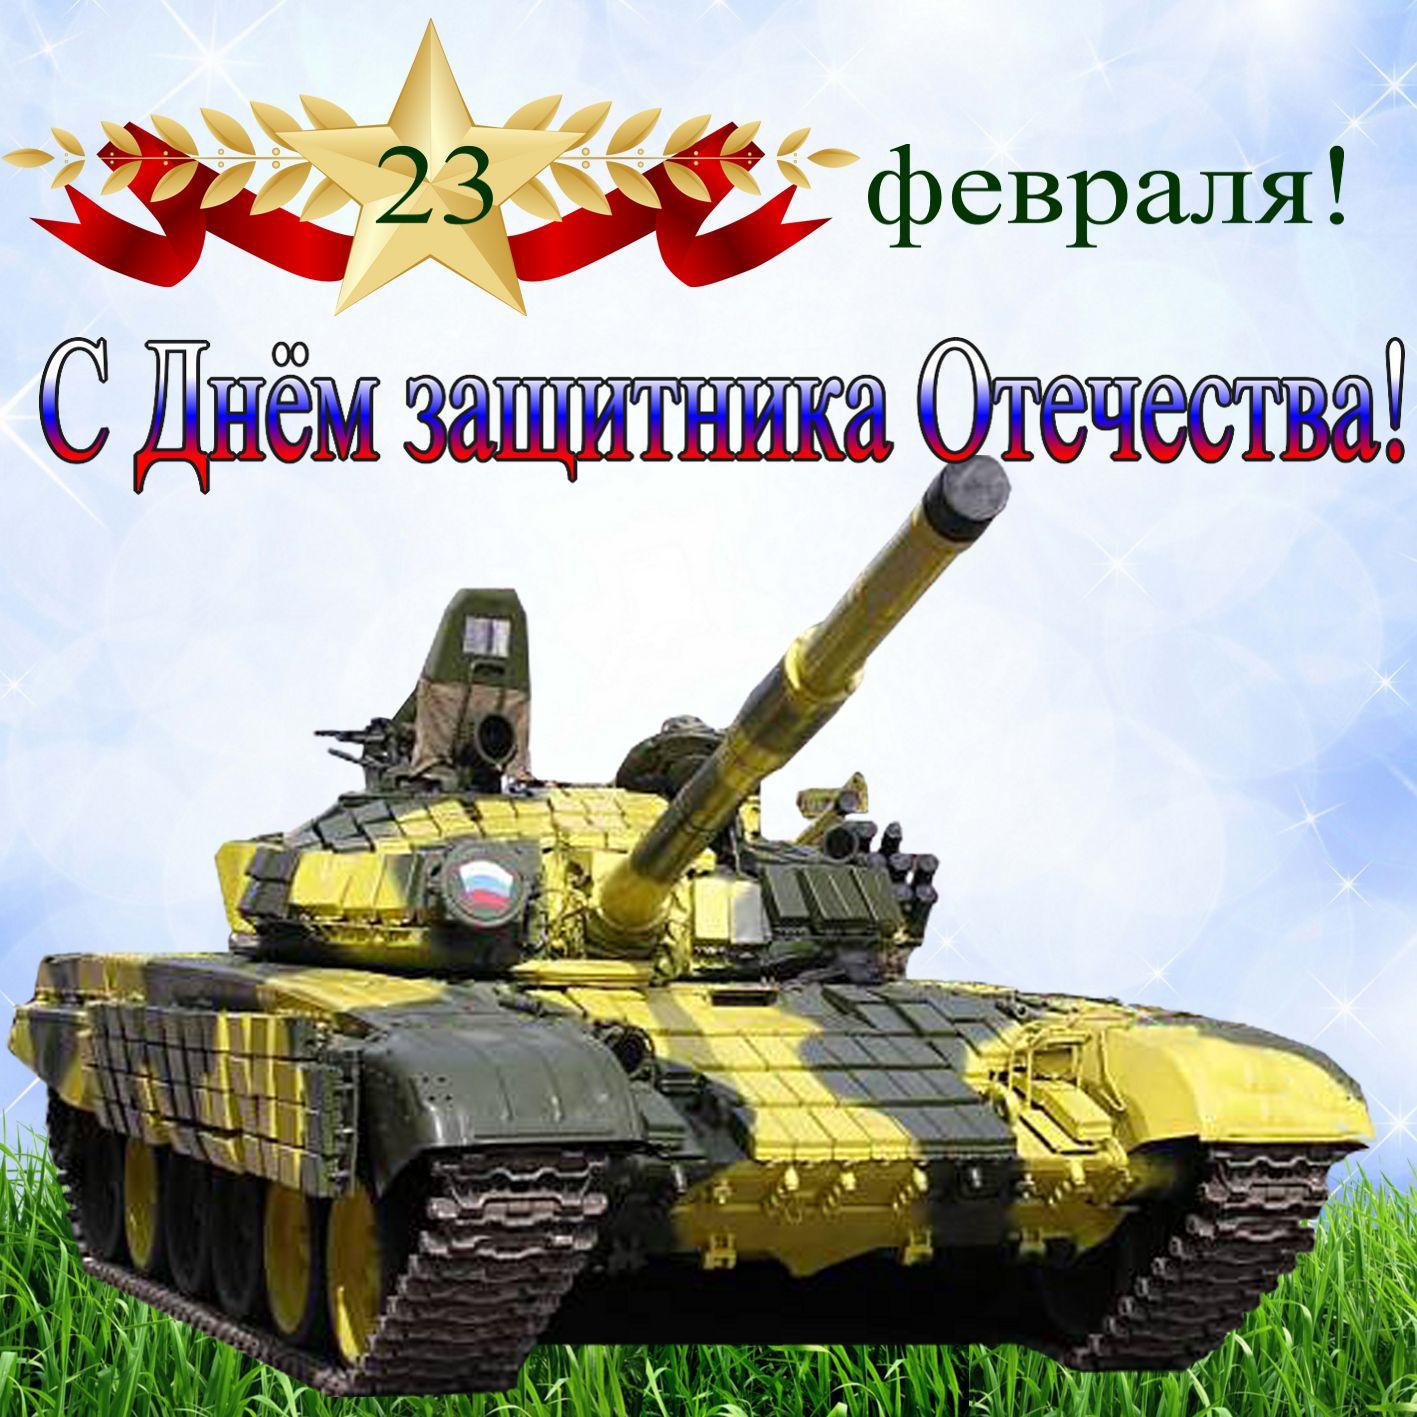 Поздравления с днем танкиста.стихи